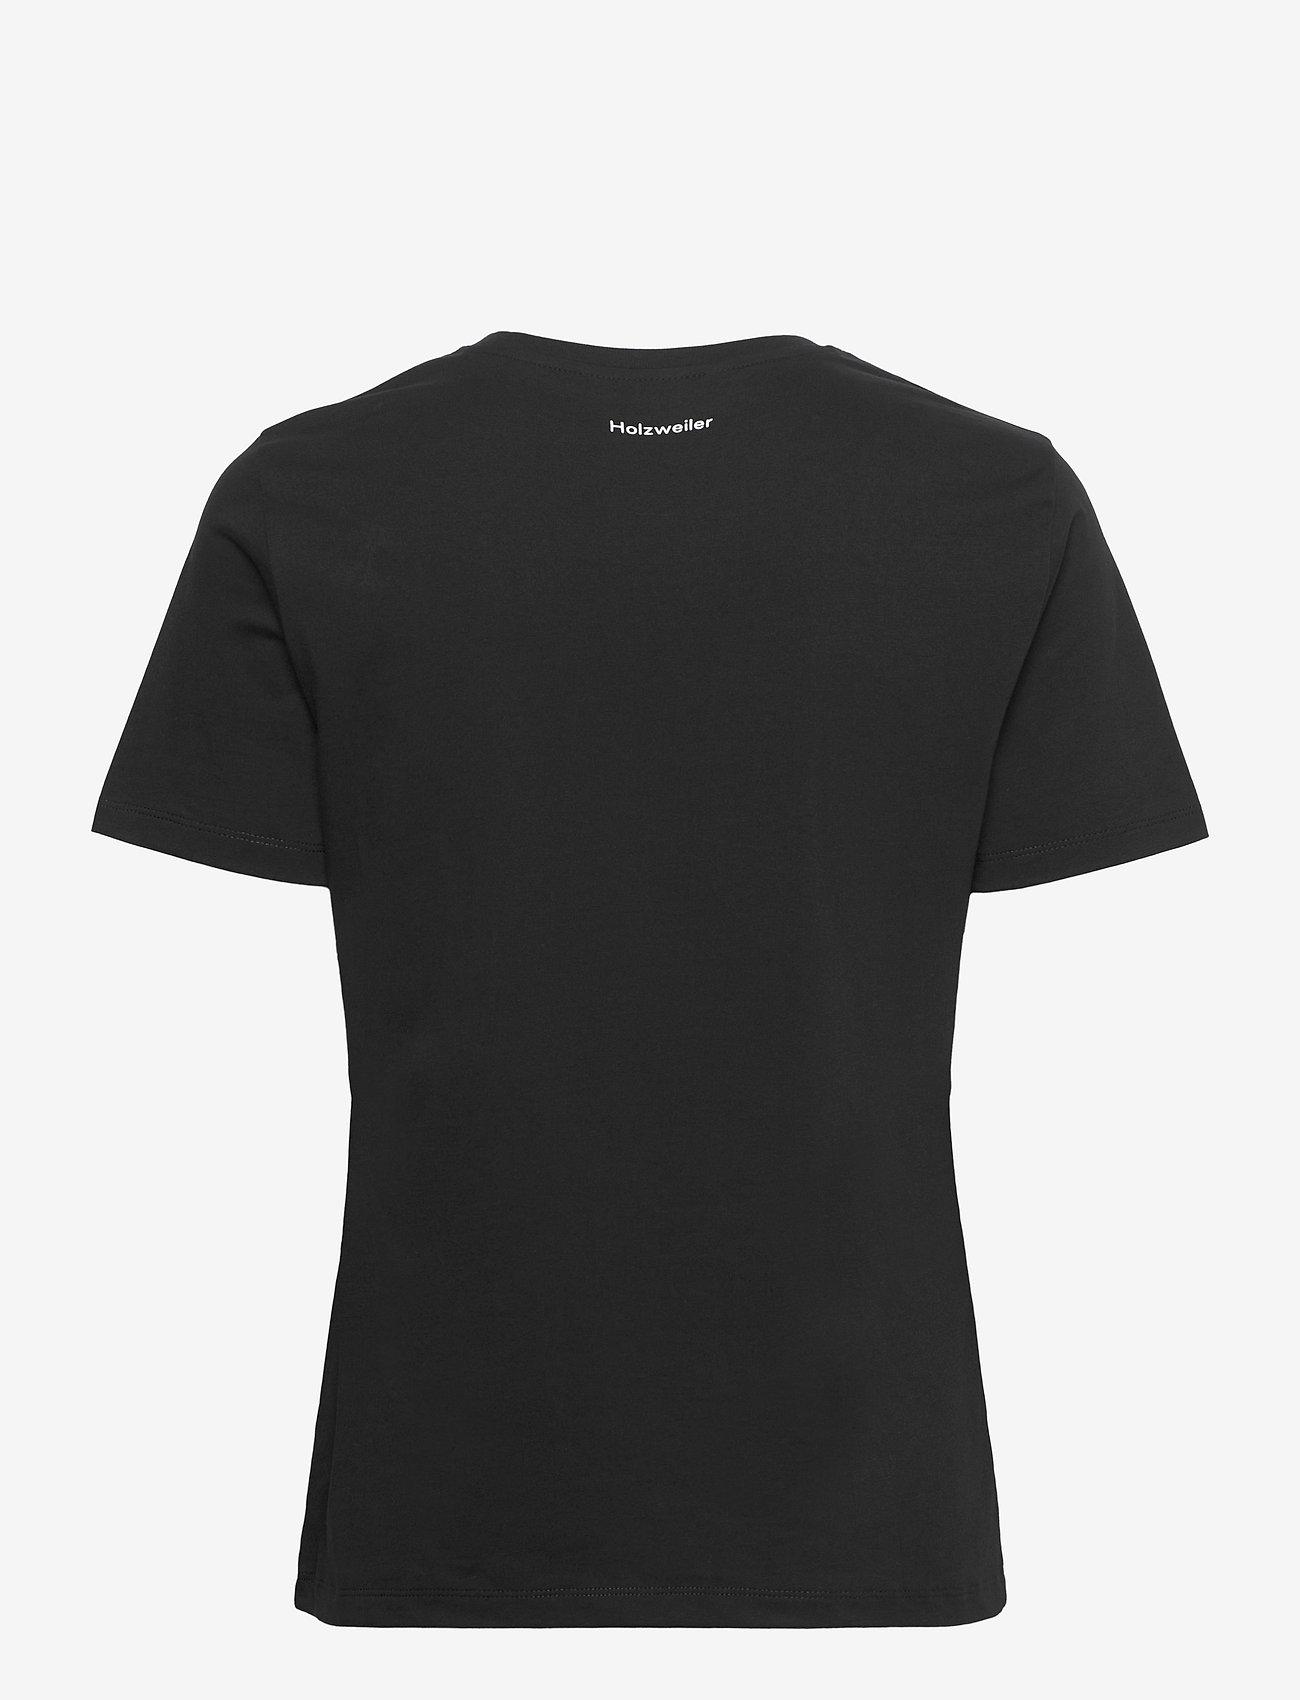 HOLZWEILER - Suzana Classic Tee - t-shirts - black - 1